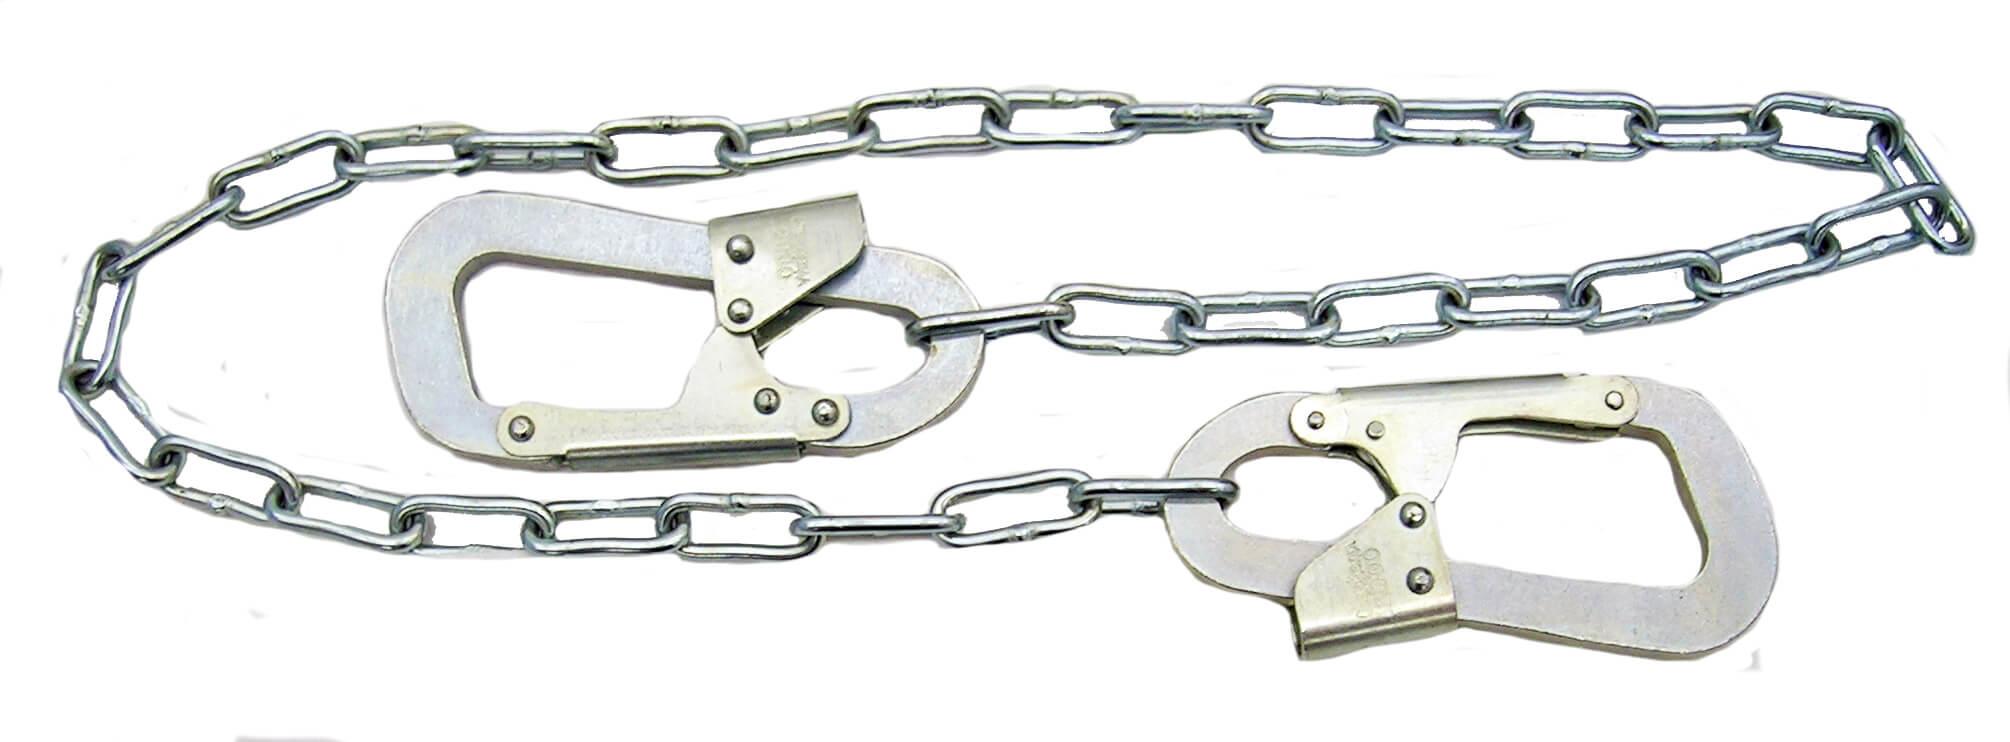 Строп для удержания и позиционирования из металлической цепи – Г